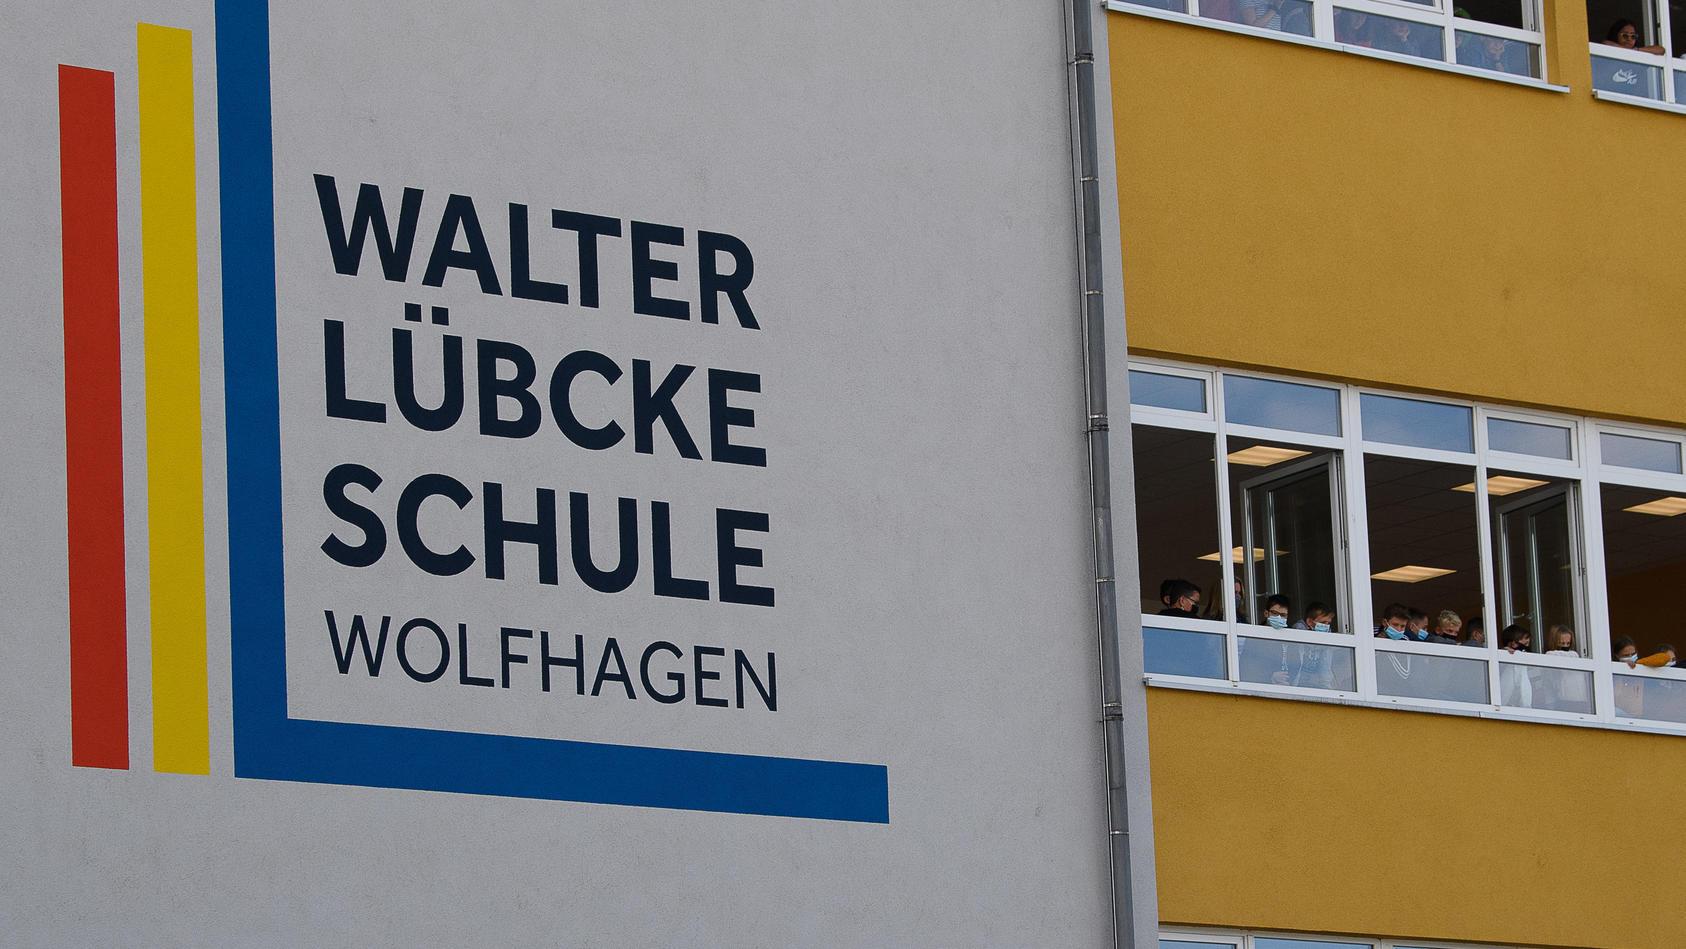 Walter-Lübcke-Schule erhält Drohmail